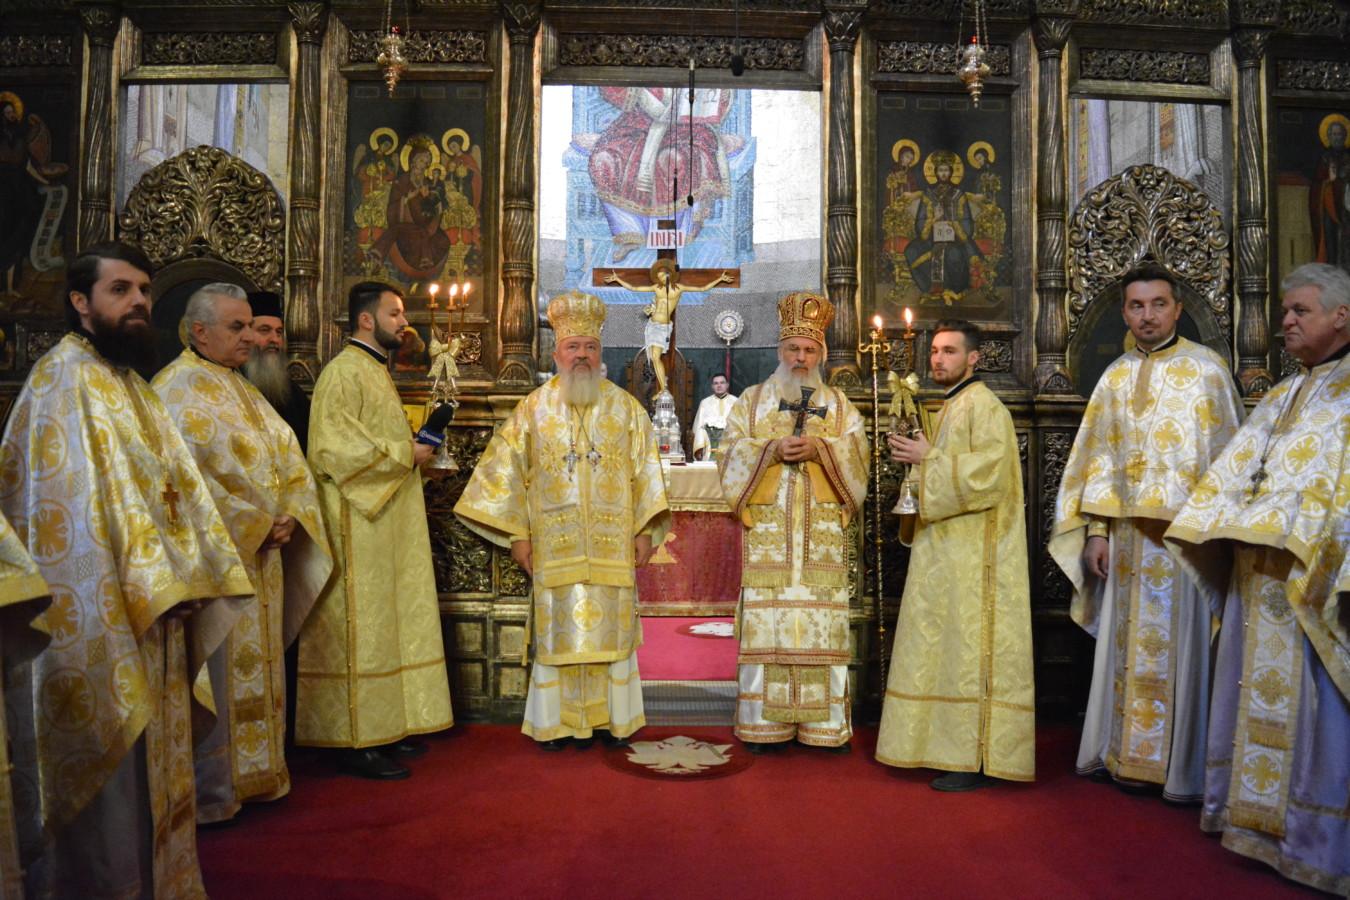 Sfântul Andrei, sărbătorit la Cluj-Napoca. Statuile episcopului Nicolae Ivan şi mitropolitului Bartolomeu, inaugurate în prezența a mii de credincioși